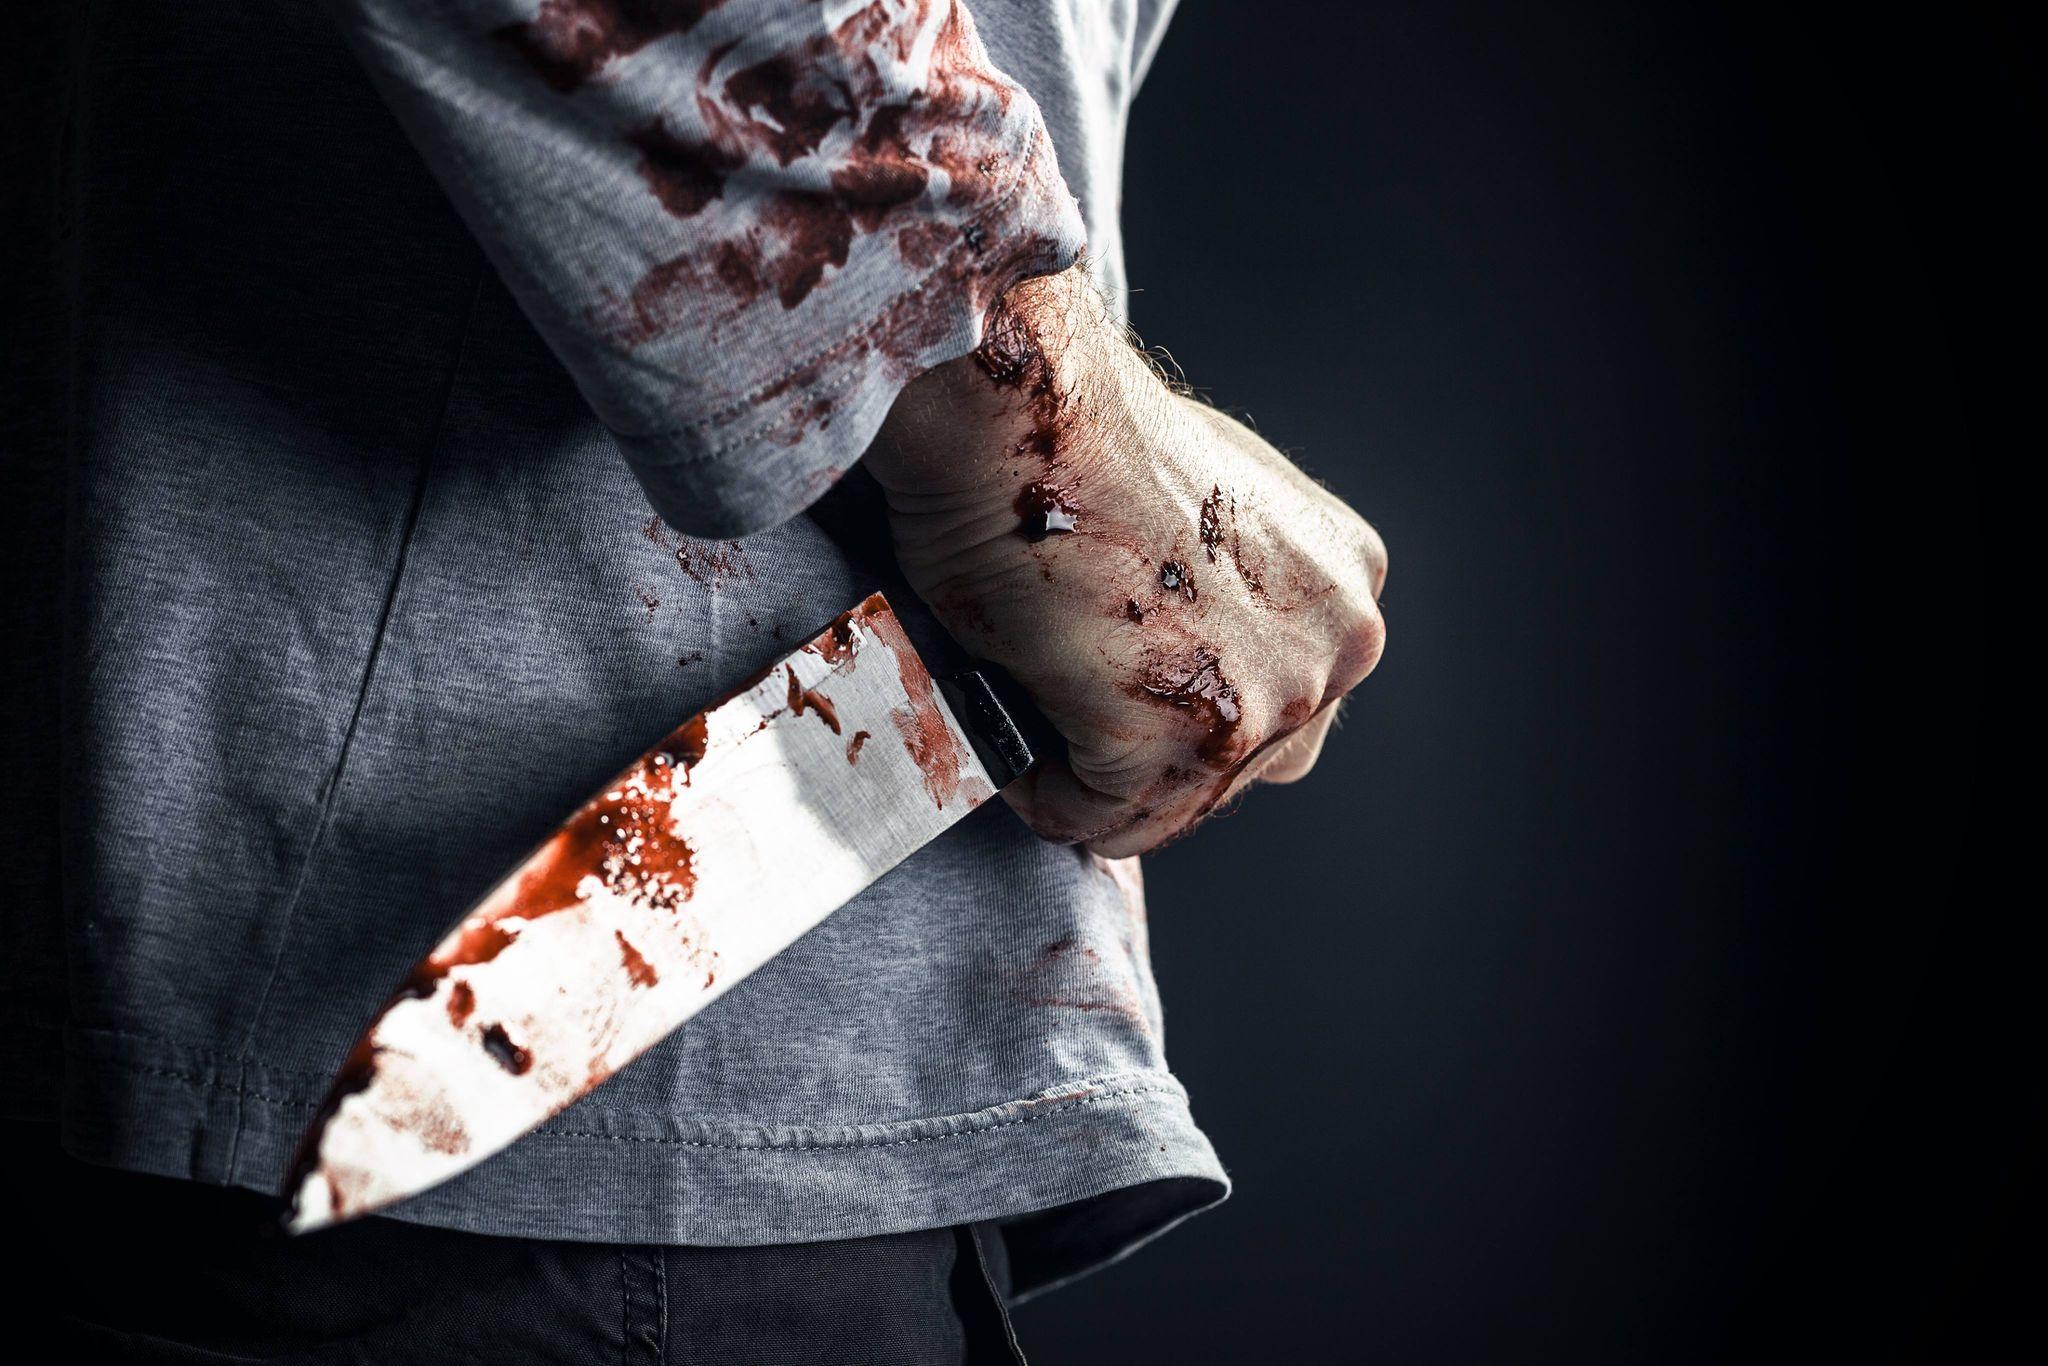 Zabił brata bliźniaka  nożem - Zdjęcie główne